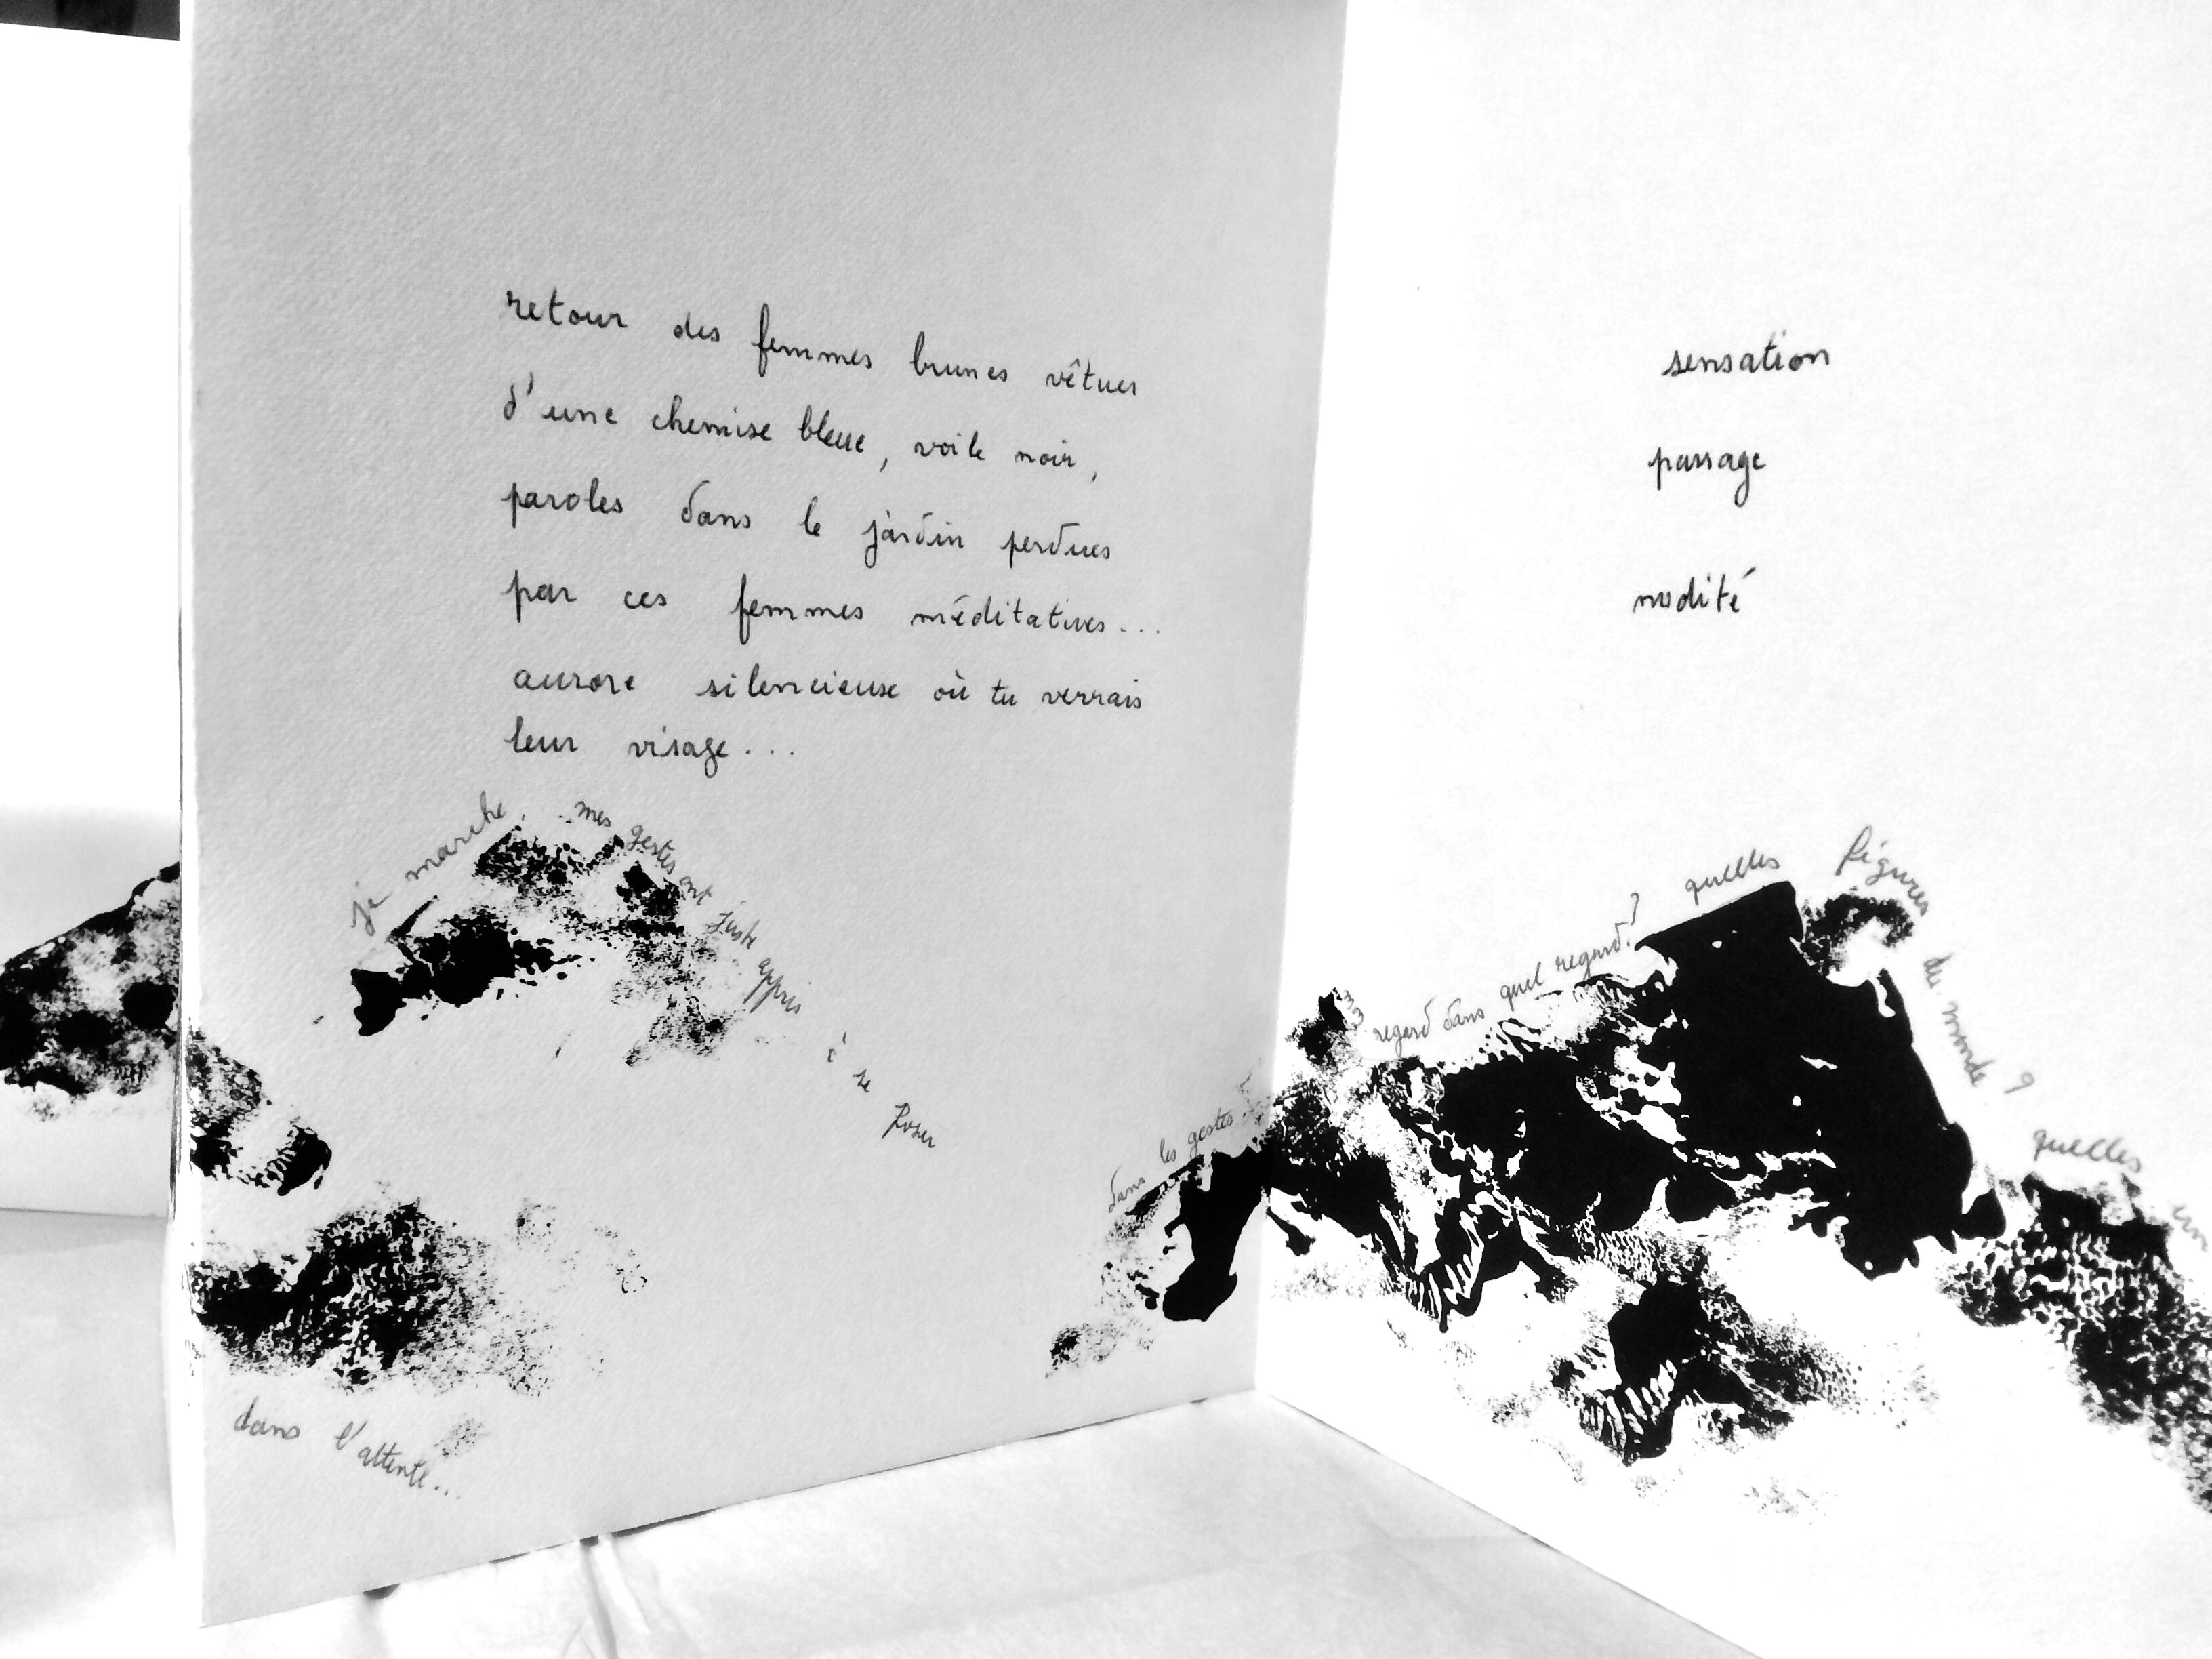 Présentation et discussion autour de ses livres d'artiste par Ursula Caruel dans le cadre de son exposition Bois sacré à la Chapelle Ste Anne à Arles